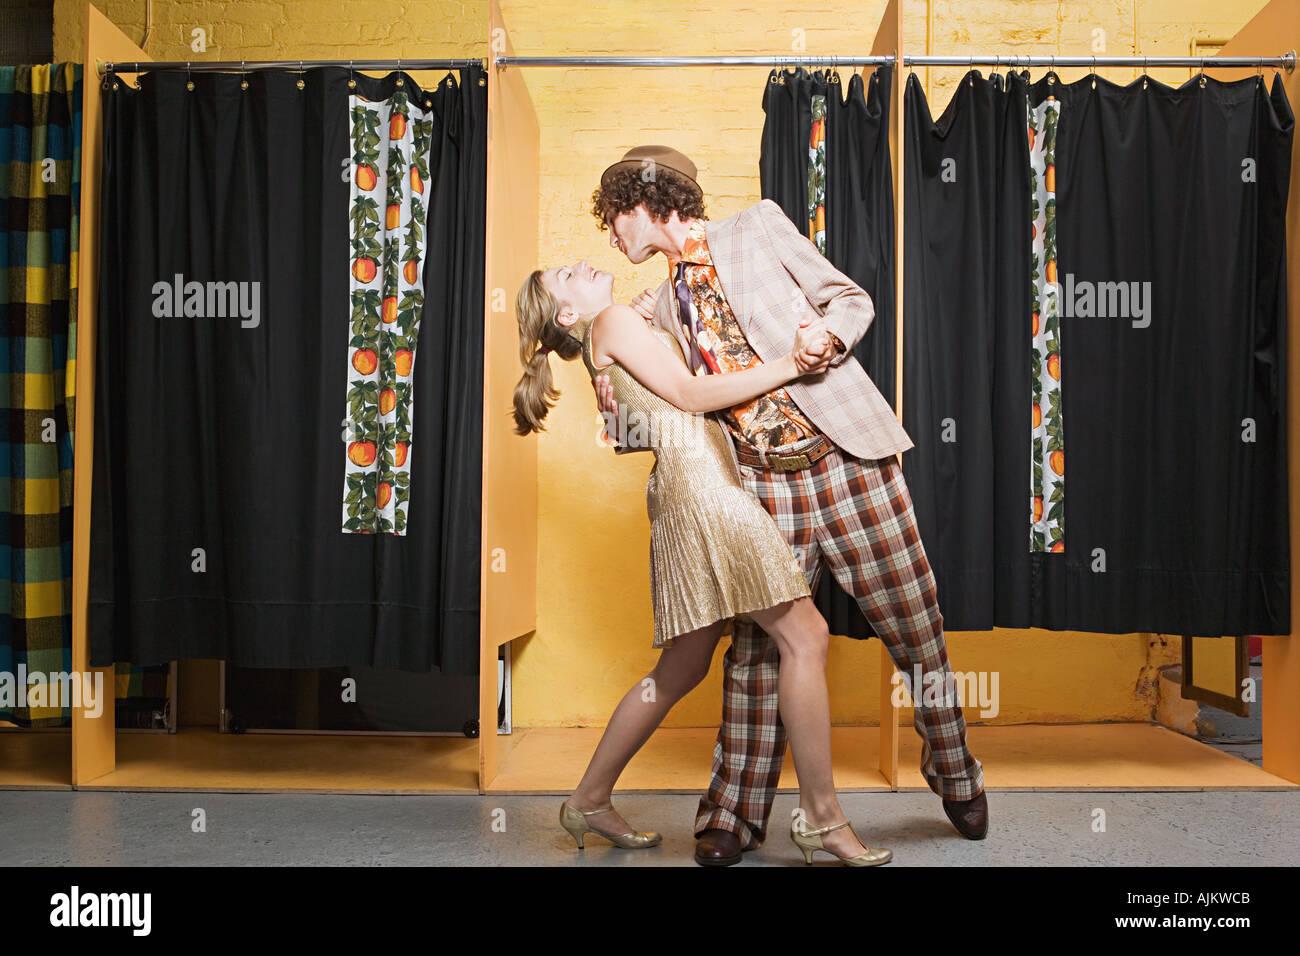 Retro pareja bailando en tienda ropa Imagen De Stock